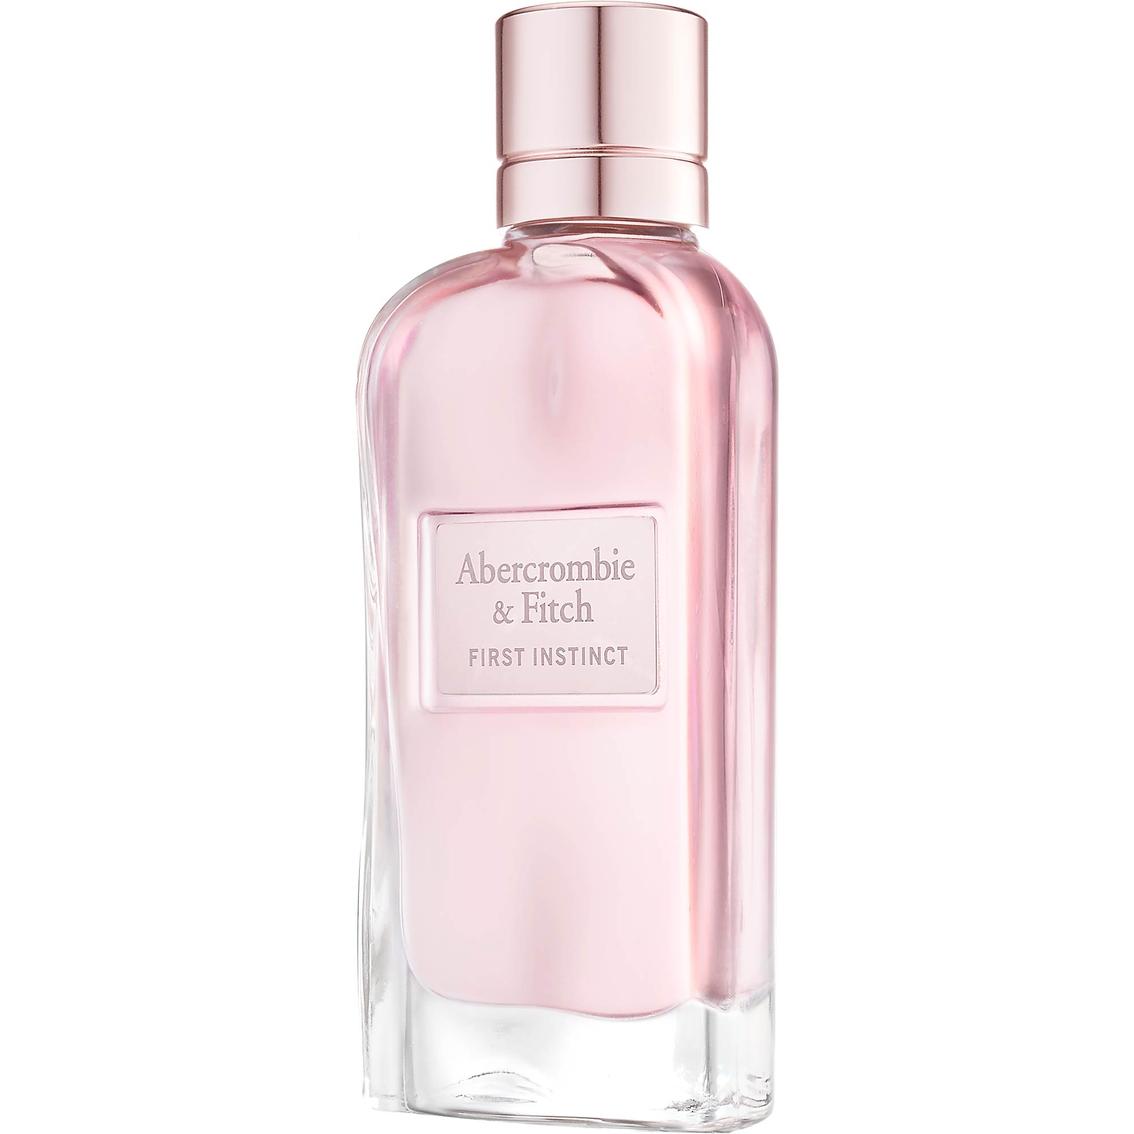 Abercrombie fitch first instinct eau de parfum spray for for Abercrombie salon supplies